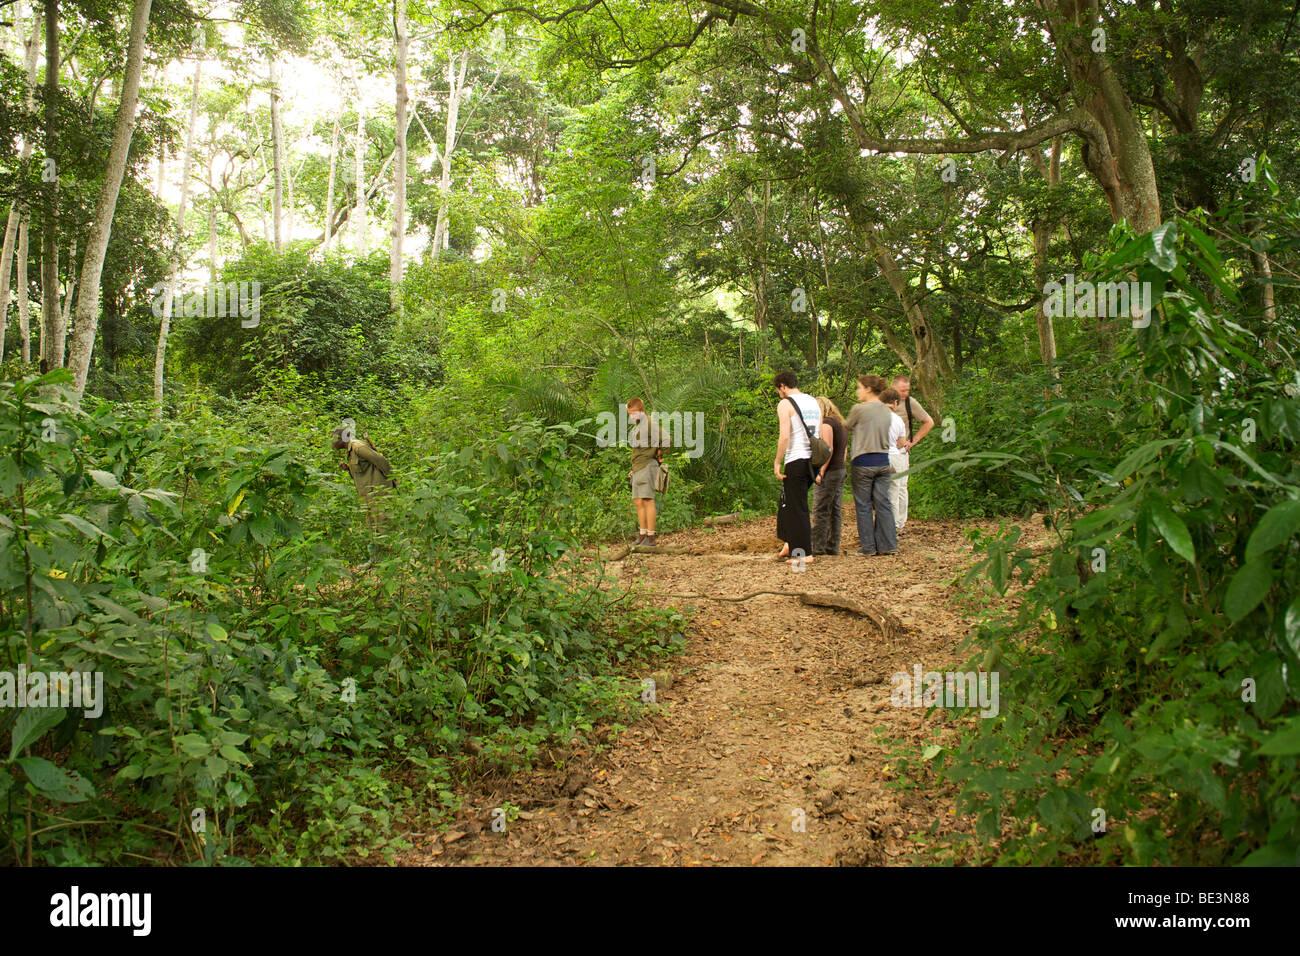 Touristen, tracking, Schimpansen in Kyambura River Gorge in Queen Elizabeth National Park im Westen Ugandas. Stockbild